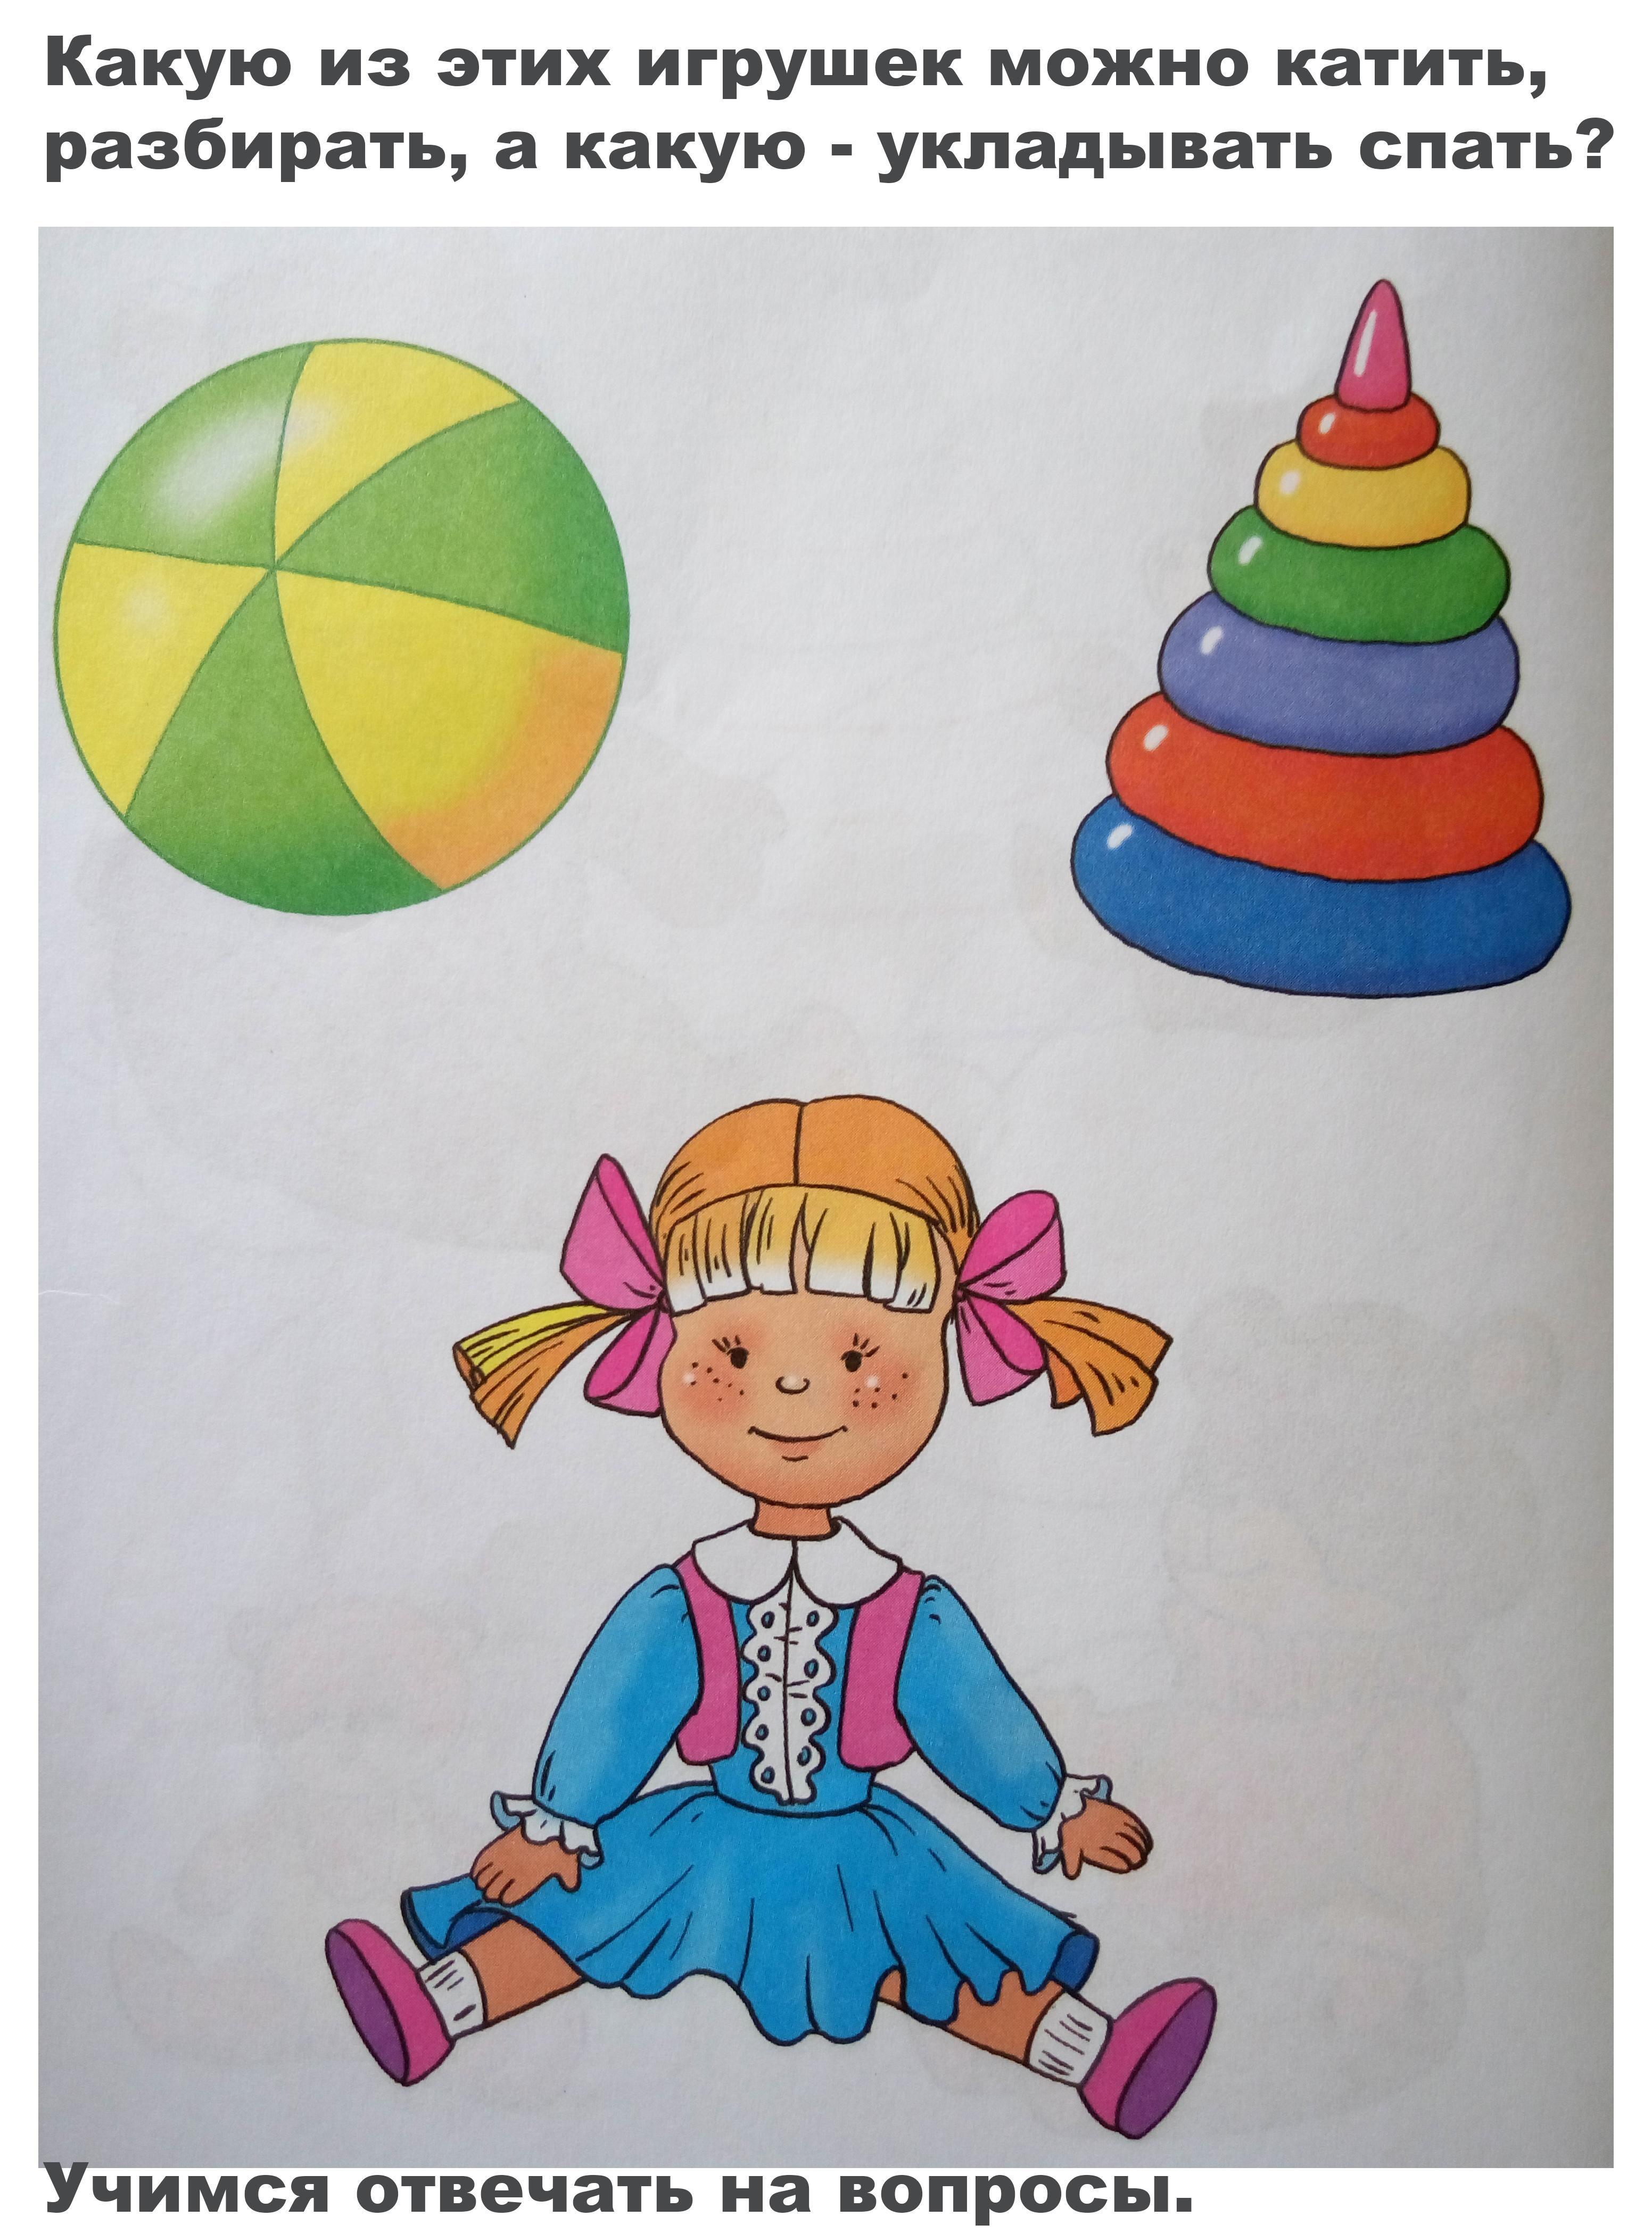 zanyatiya-dlya-detej-s-mamoj-2-3-goda16